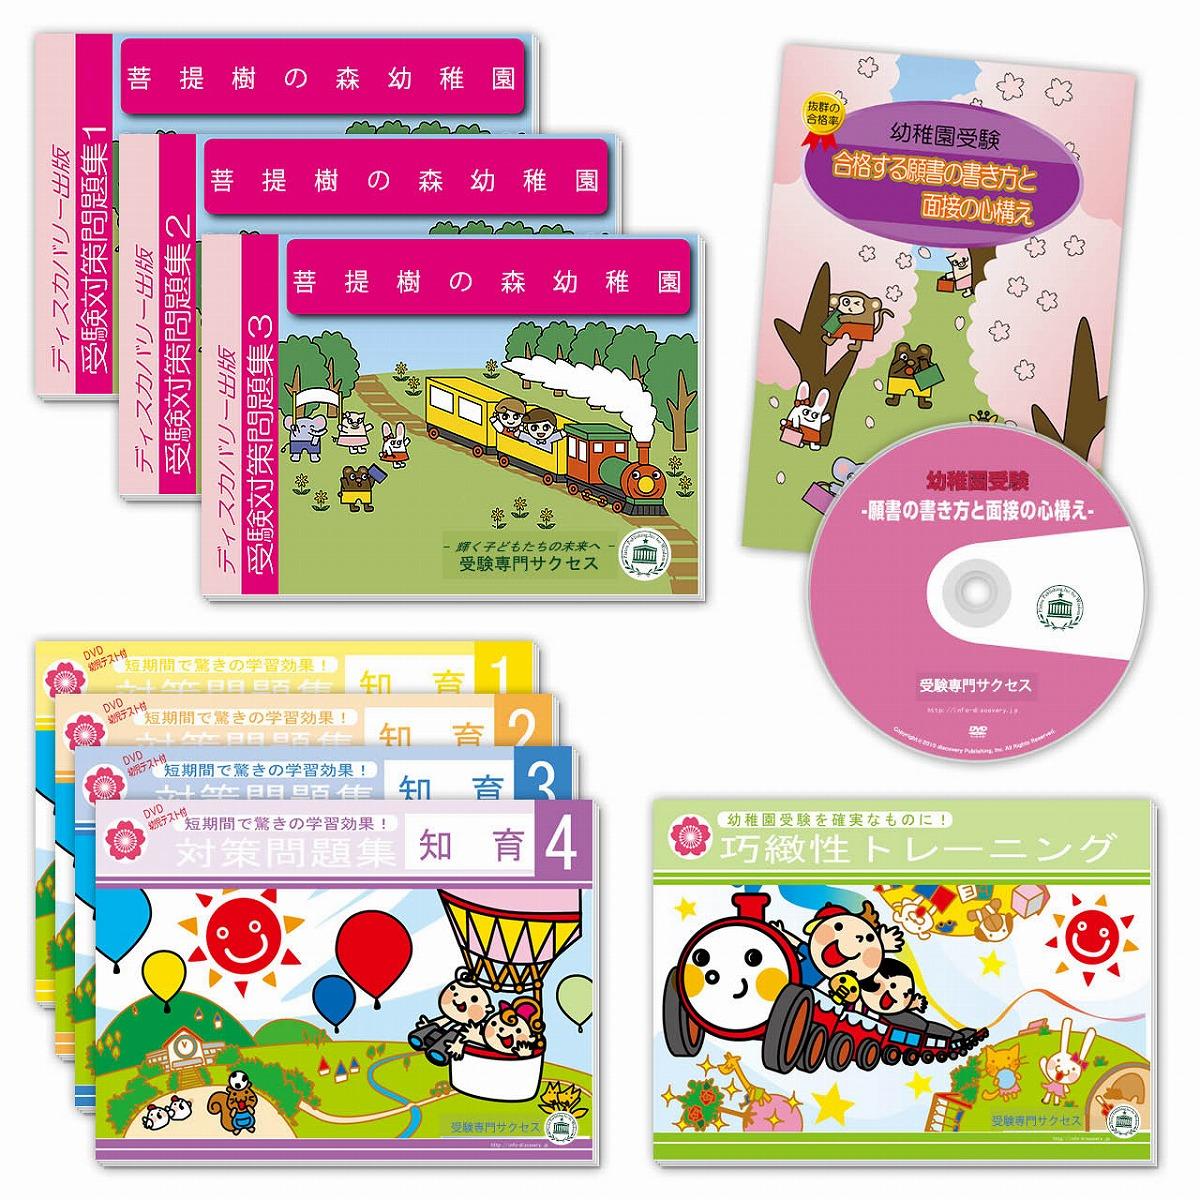 【送料・代引手数料無料】菩提樹の森幼稚園・合格セット+補助教材セット